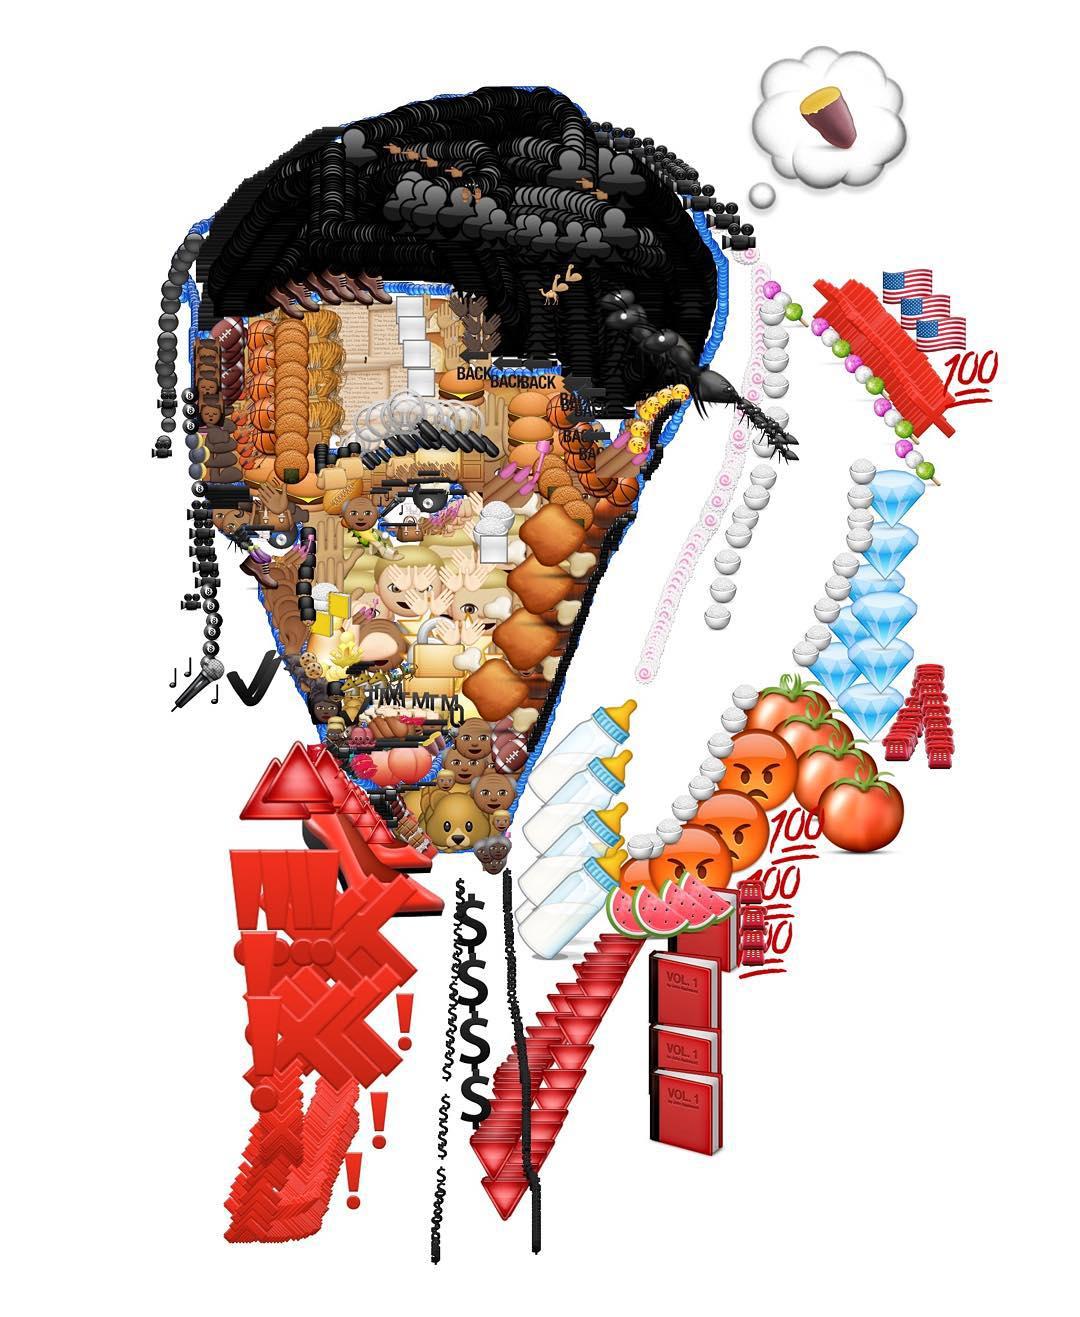 jake petterson yung jake emoji art rap - Avec des emojis, Yung Jake refait le portrait de vos rappeurs préférés